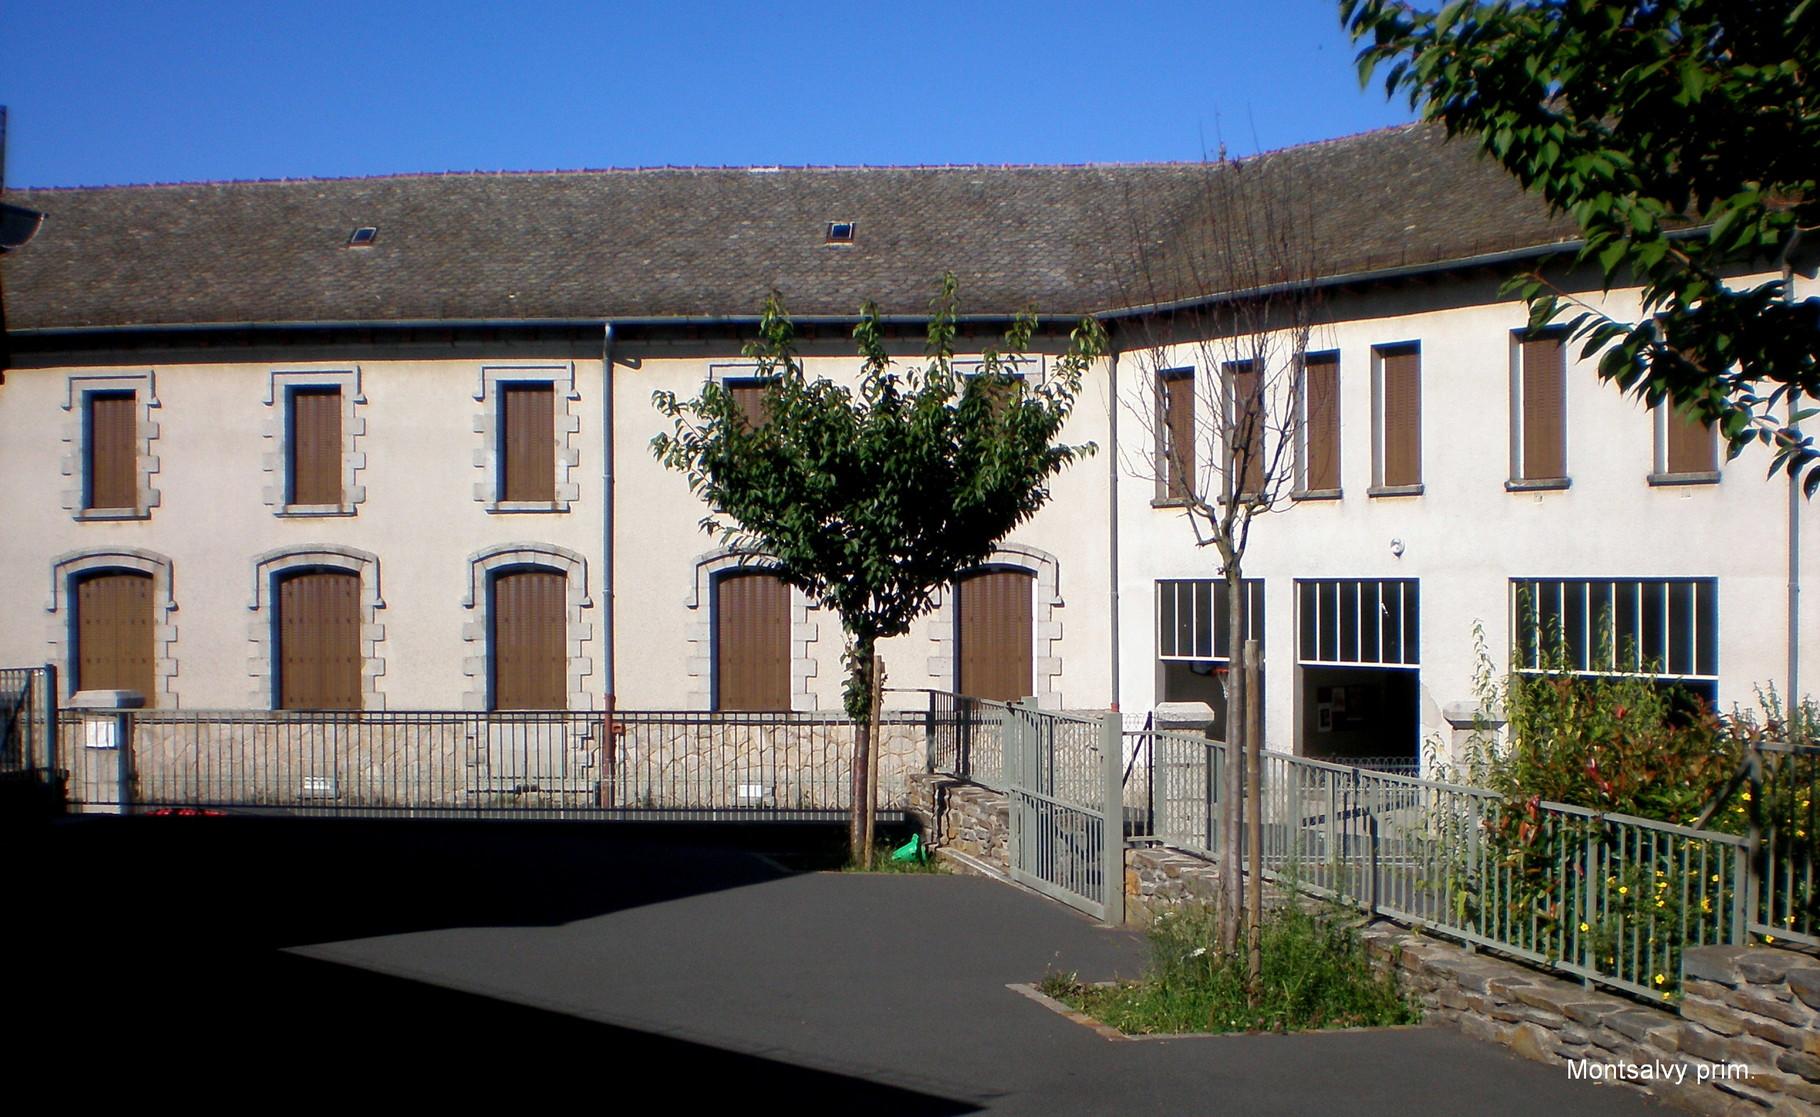 Ecole de Montsalvy